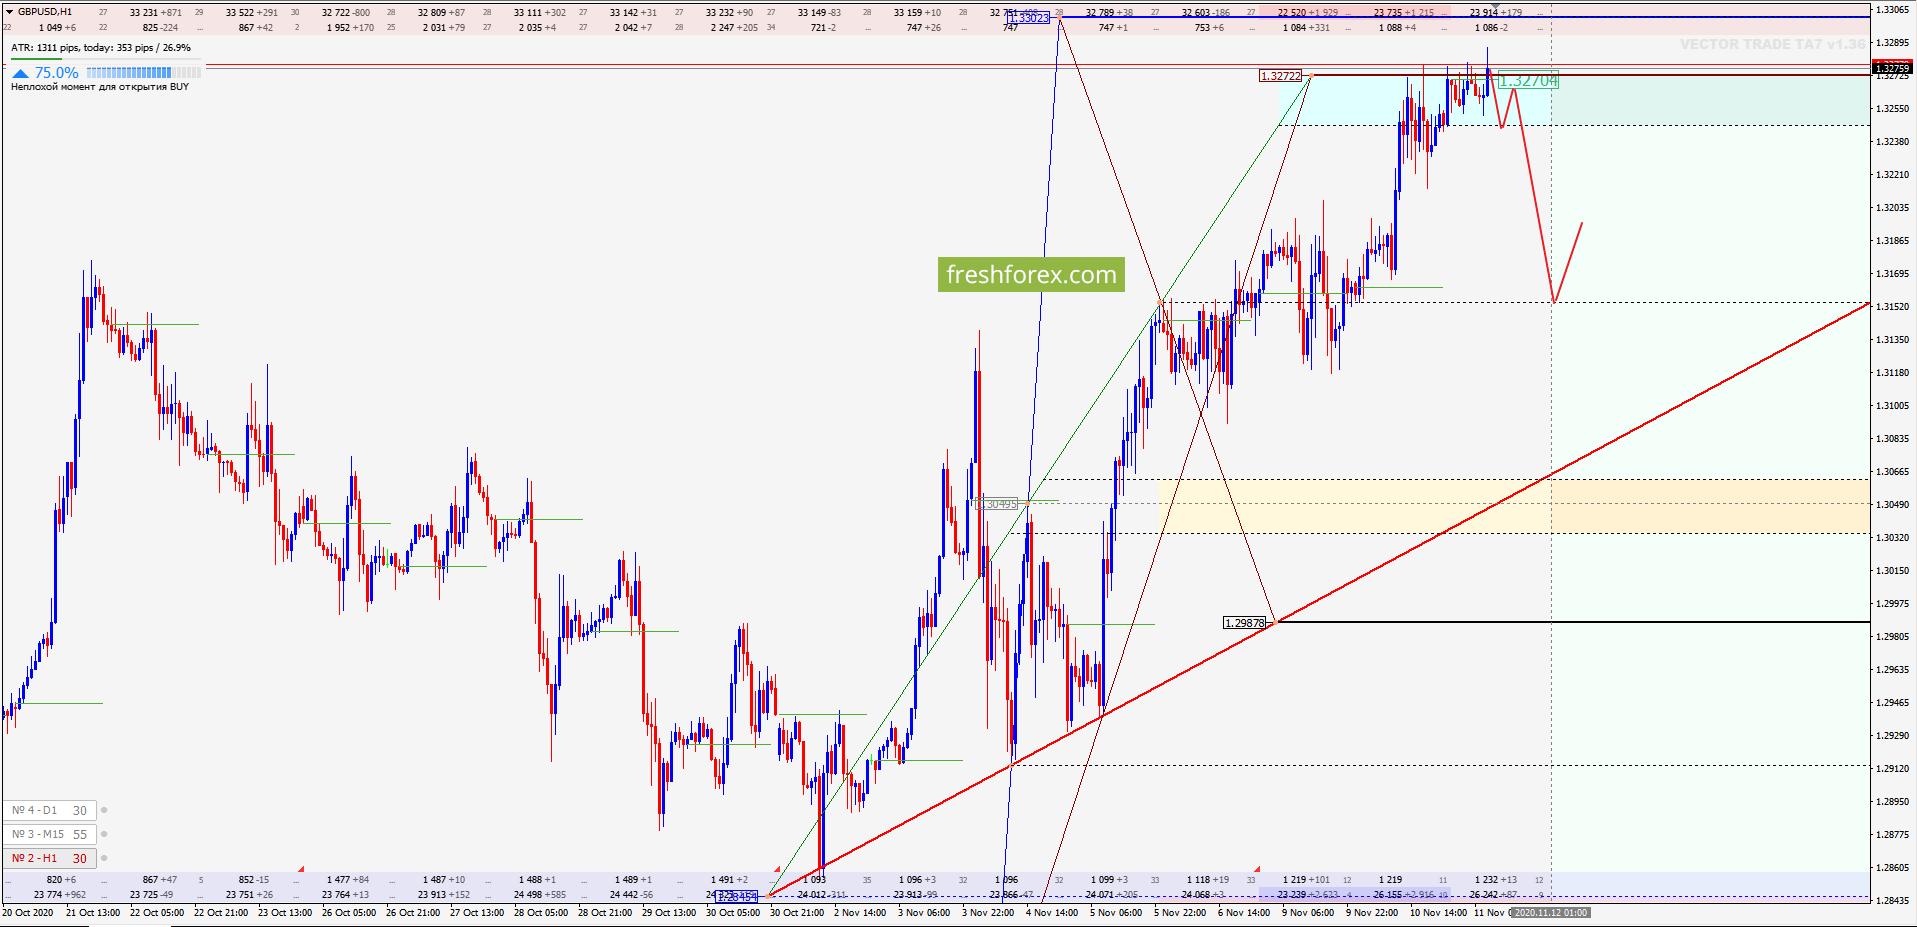 Опционный анализ - GBP/USD: Главная цель реализована!